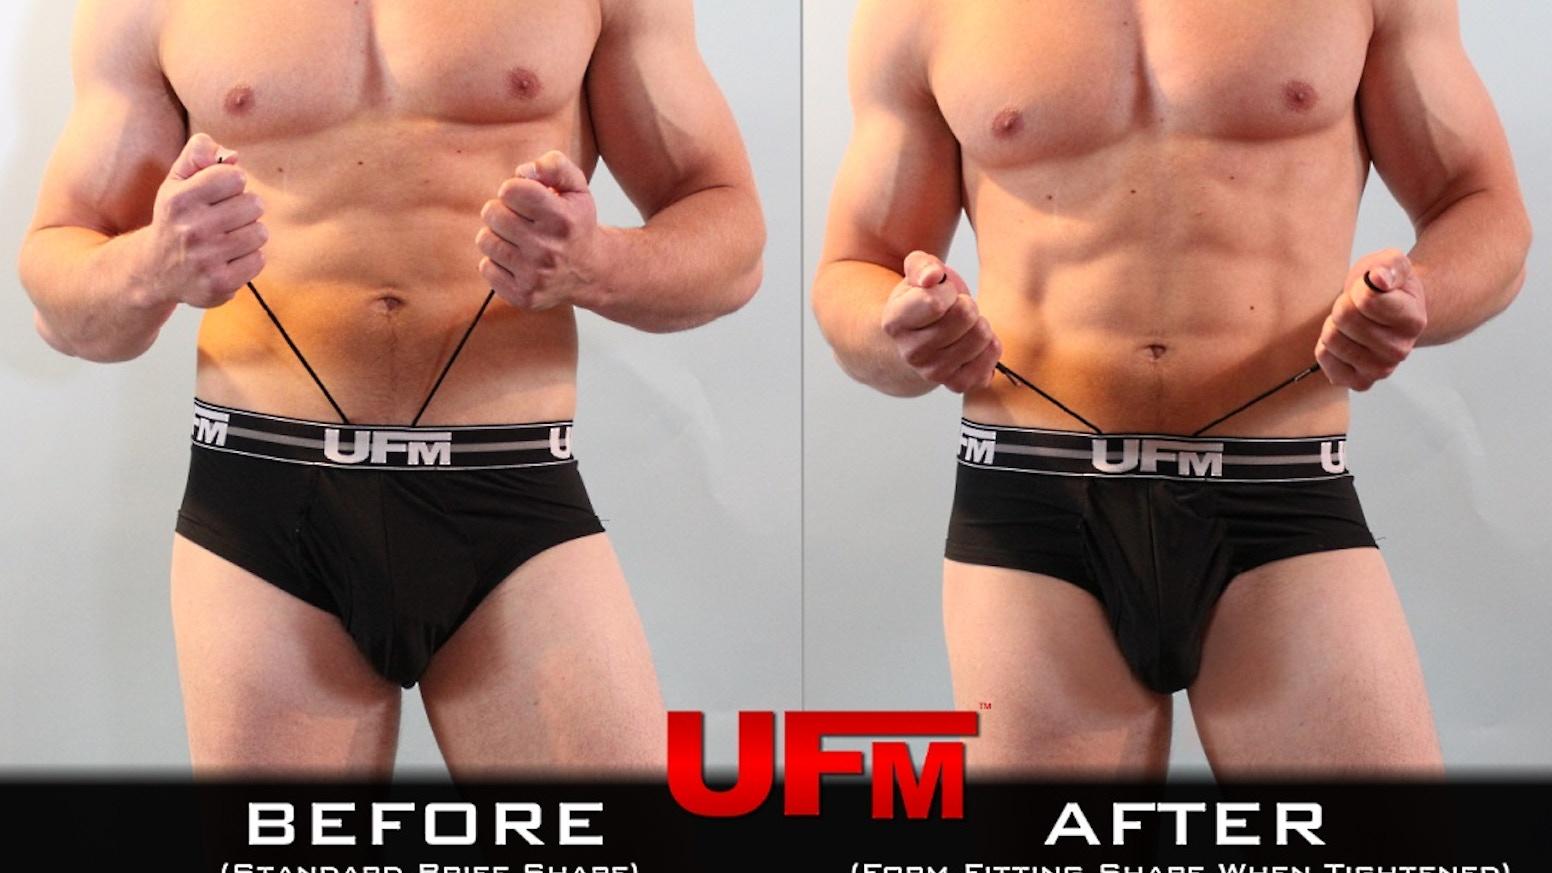 6a18de36ee20 Men's Briefs w/ Adjustable Pouch - UFM Underwear For Men by Eric ...